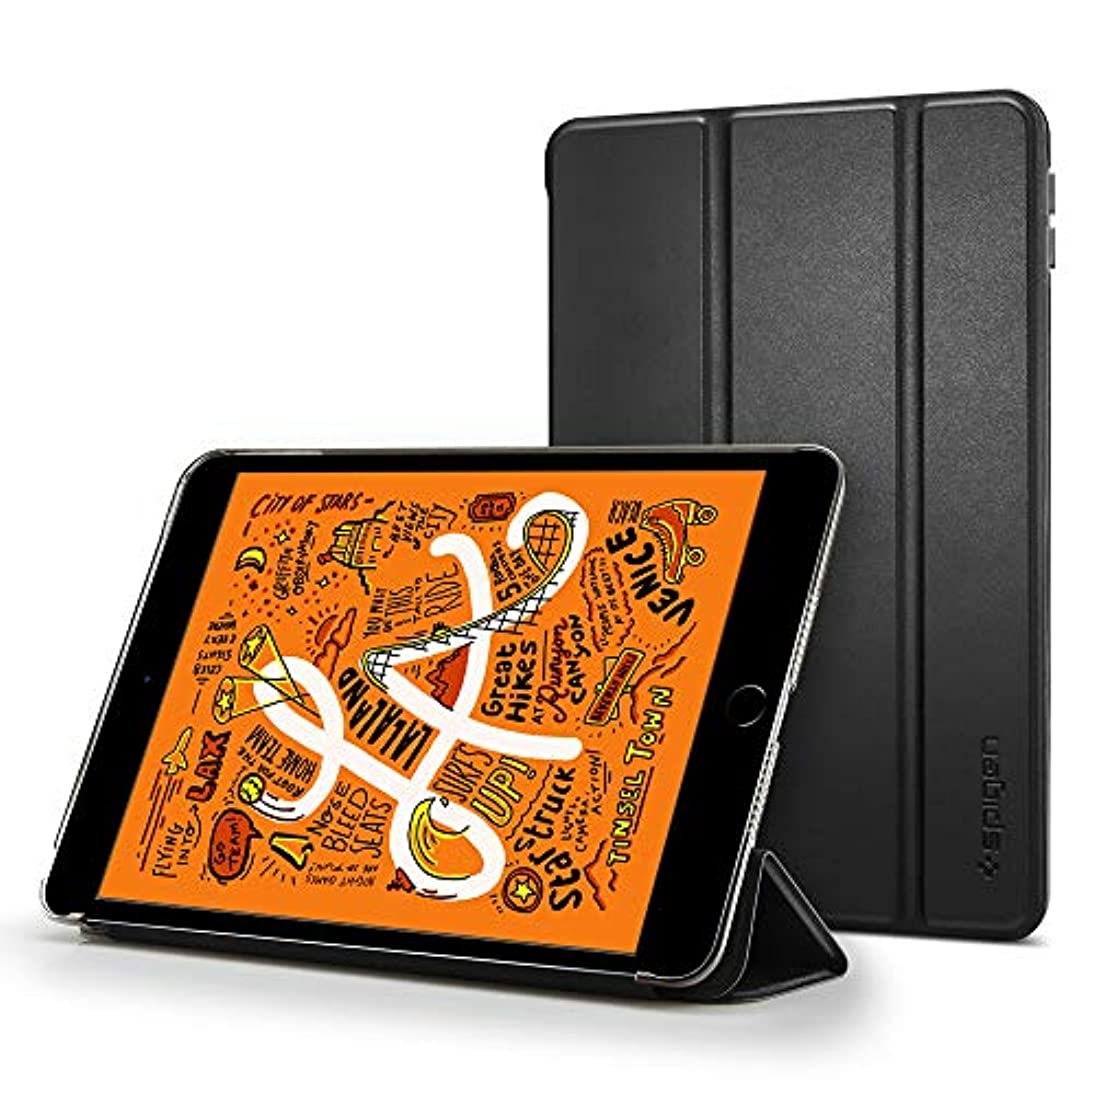 ずっと社会飛び込む【Spigen】 タブレットケース iPad mini 5 ケース カバー 三つ折 スタンド オートスリープ 機能 高級PUレザー スマートフォールド 051CS26112 (ブラック)